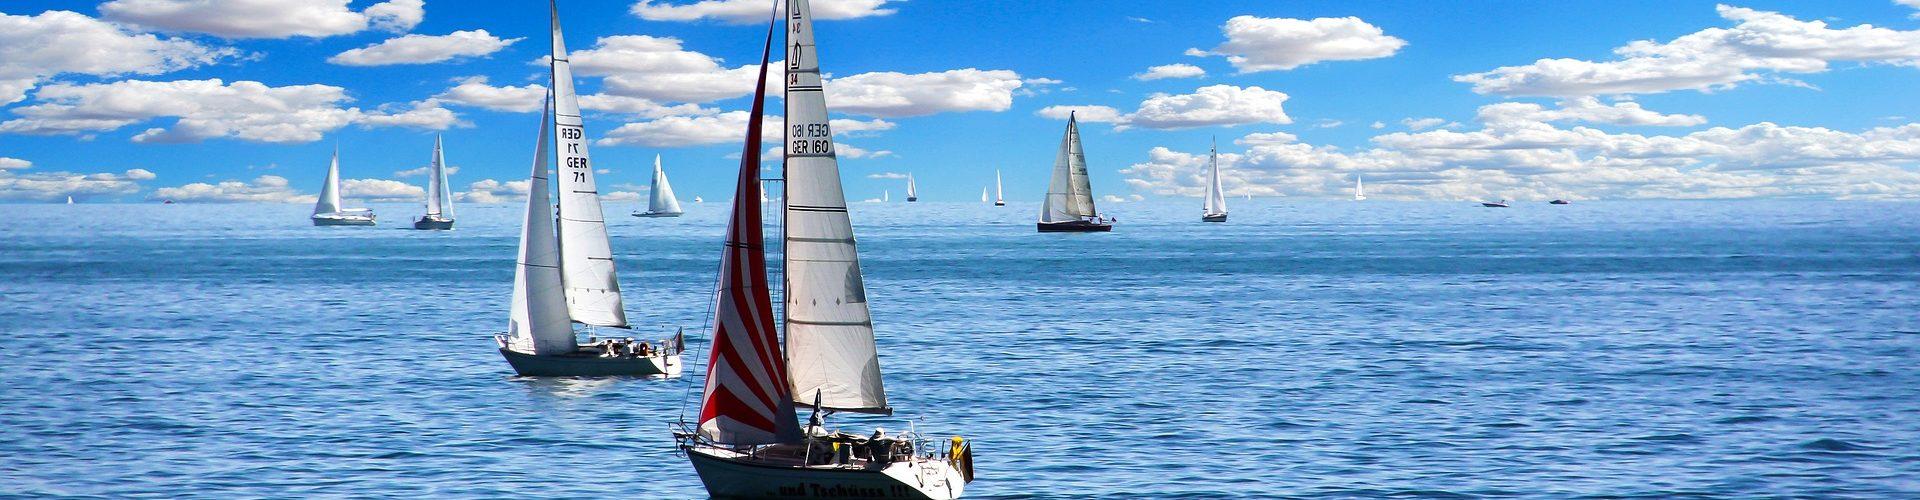 segeln lernen in Nußloch segelschein machen in Nußloch 1920x500 - Segeln lernen in Nußloch